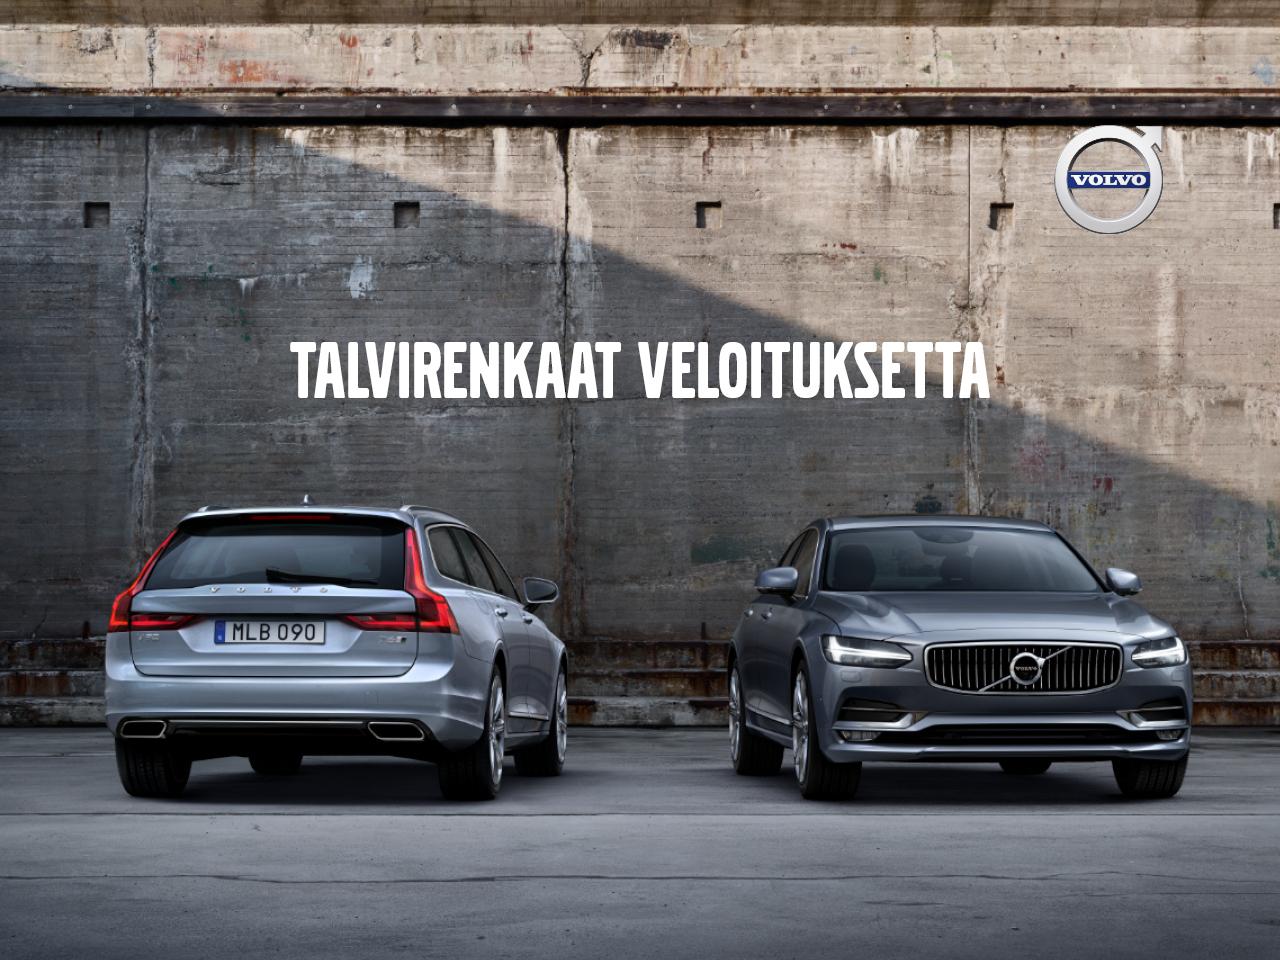 Talvirenkaat veloituksetta erään Volvo S90-, V90- ja V90 CC -malleja